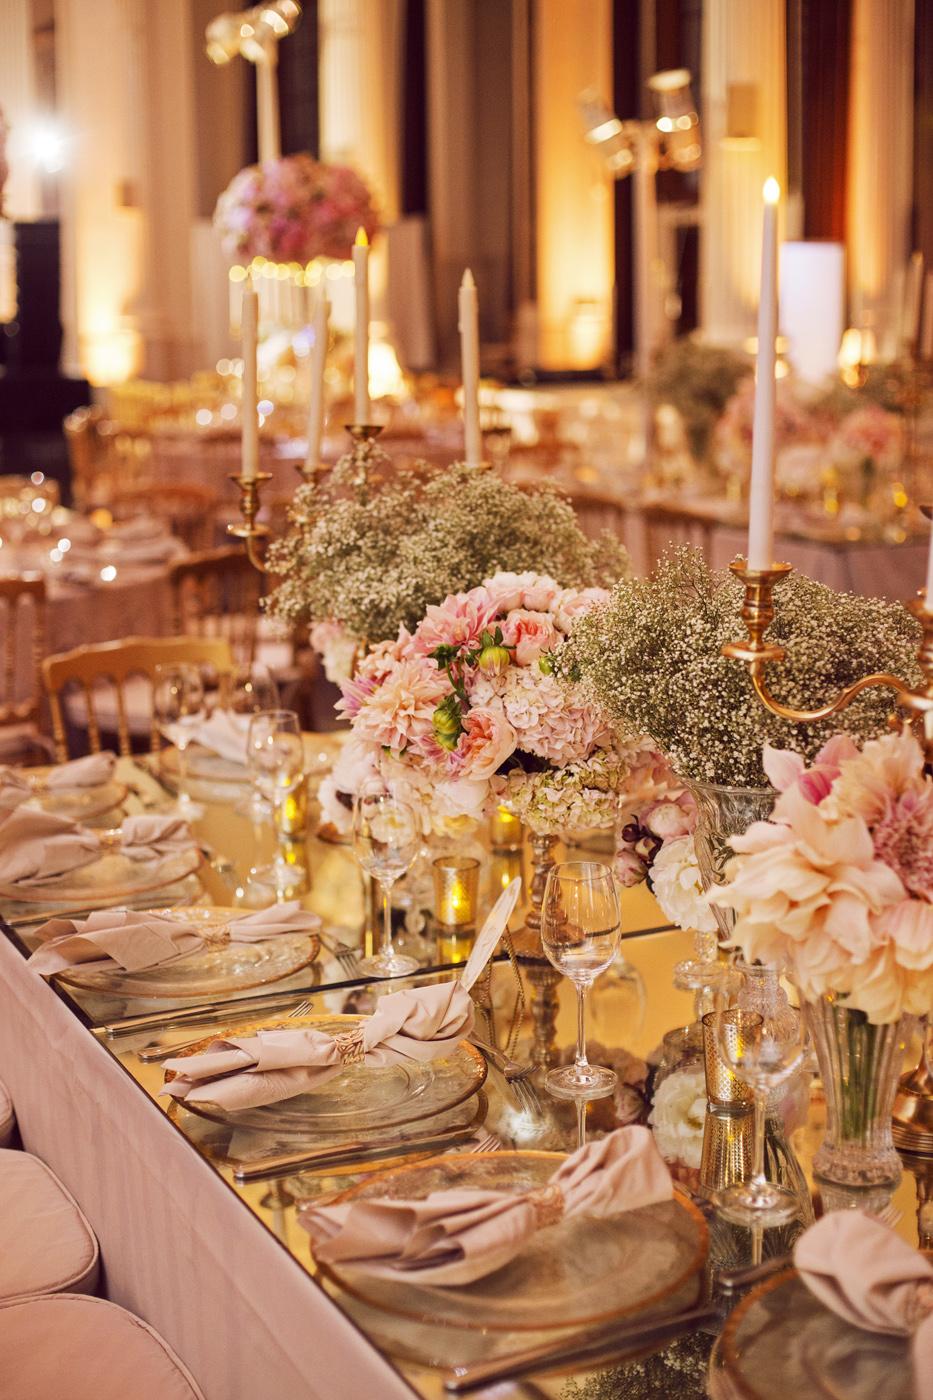 047_DukePhotography_DukeImages_Wedding_Details.jpg